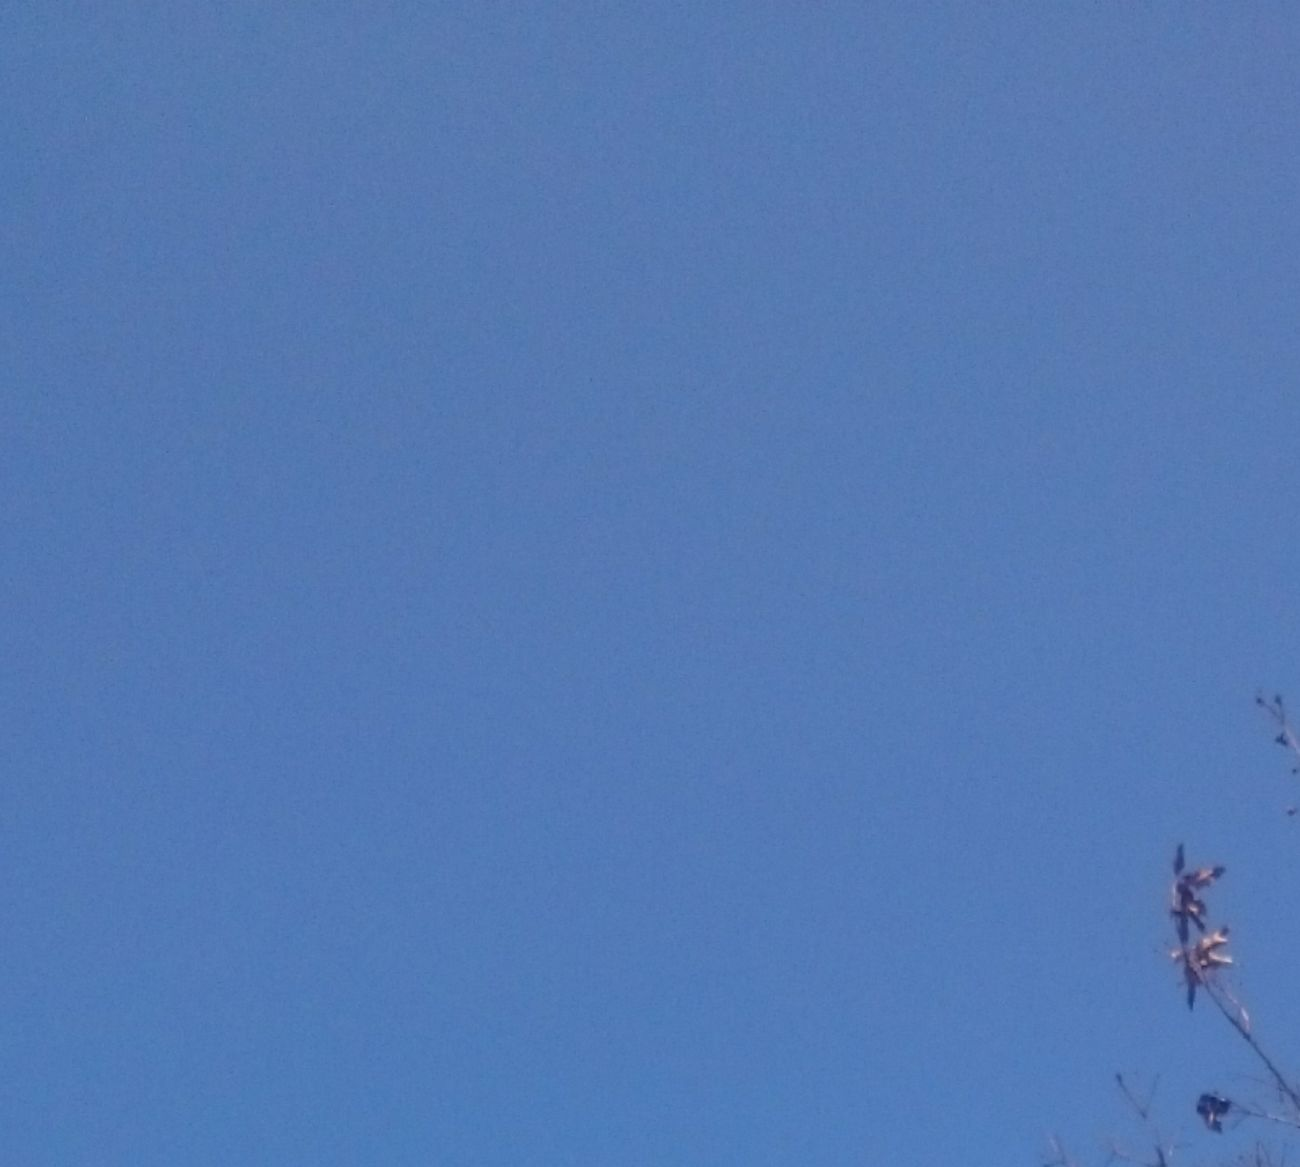 おはようございまーす 月曜日 笑顔でいこーね 美里 あおぞら 青空 今空